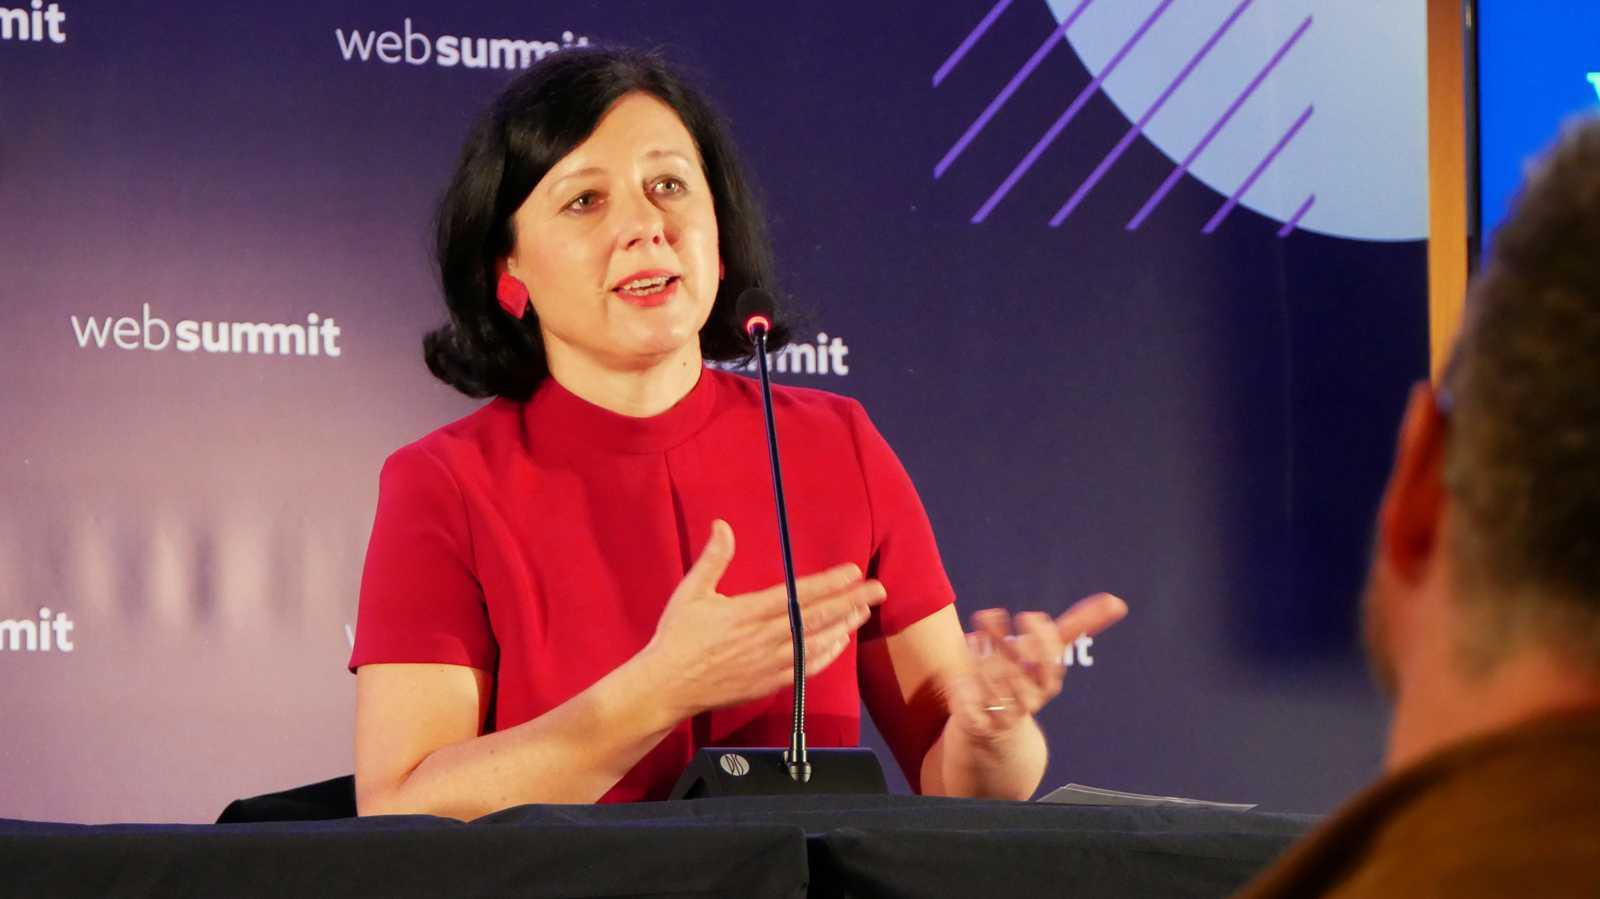 EU: Datenschutzverstöße durch Parteien im Wahlkampf werden sanktioniert